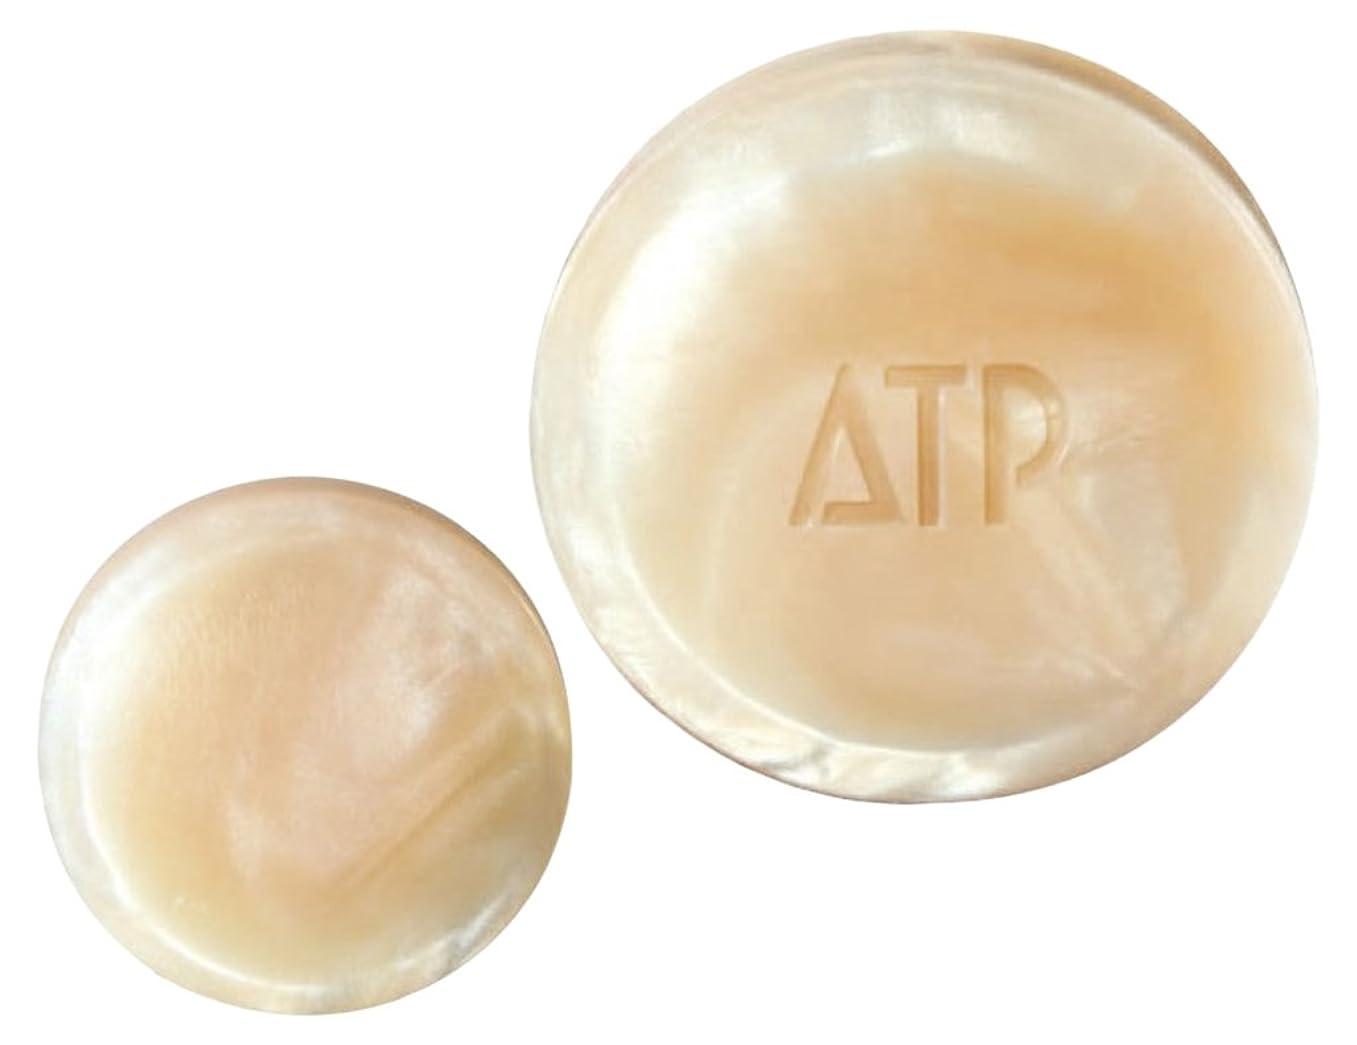 ガム印刷するキウイ薬用ATP デリケアソープ 30g (全身用洗浄石けん?枠練り) [医薬部外品]